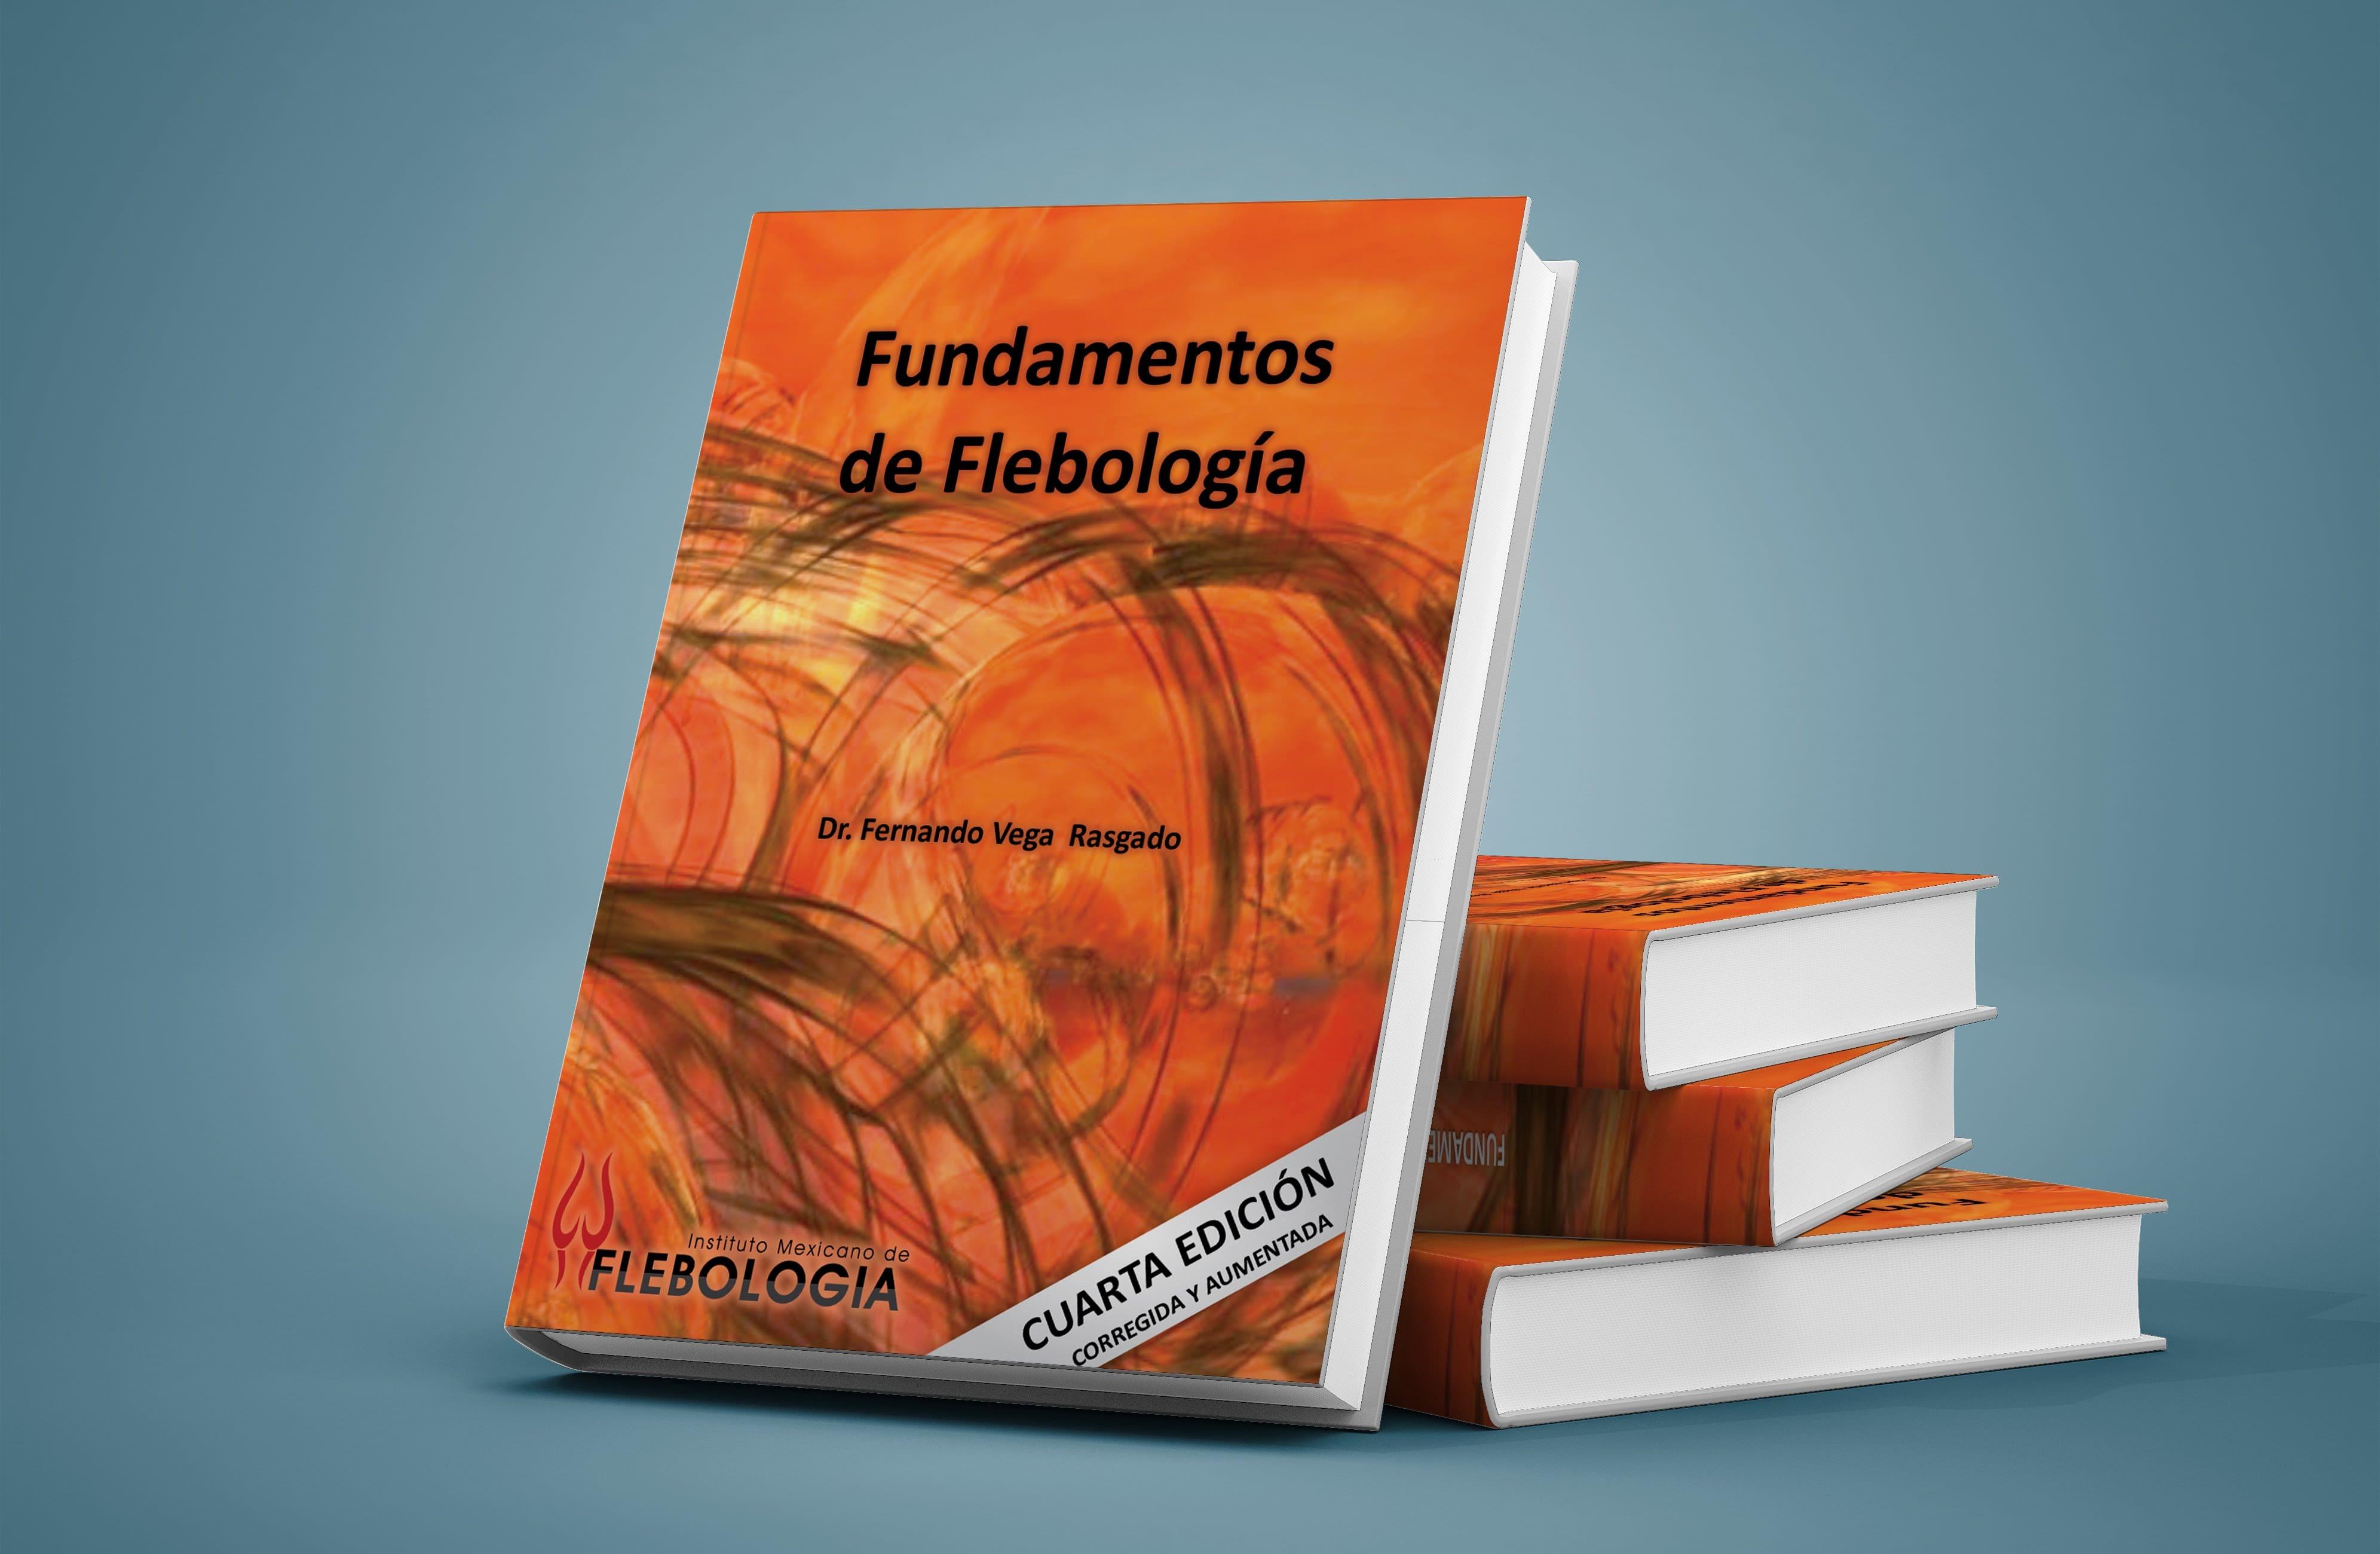 2 Libro Fundamentos de Flebología - IMF - Flebología México Instituto Mexicano de Flebología